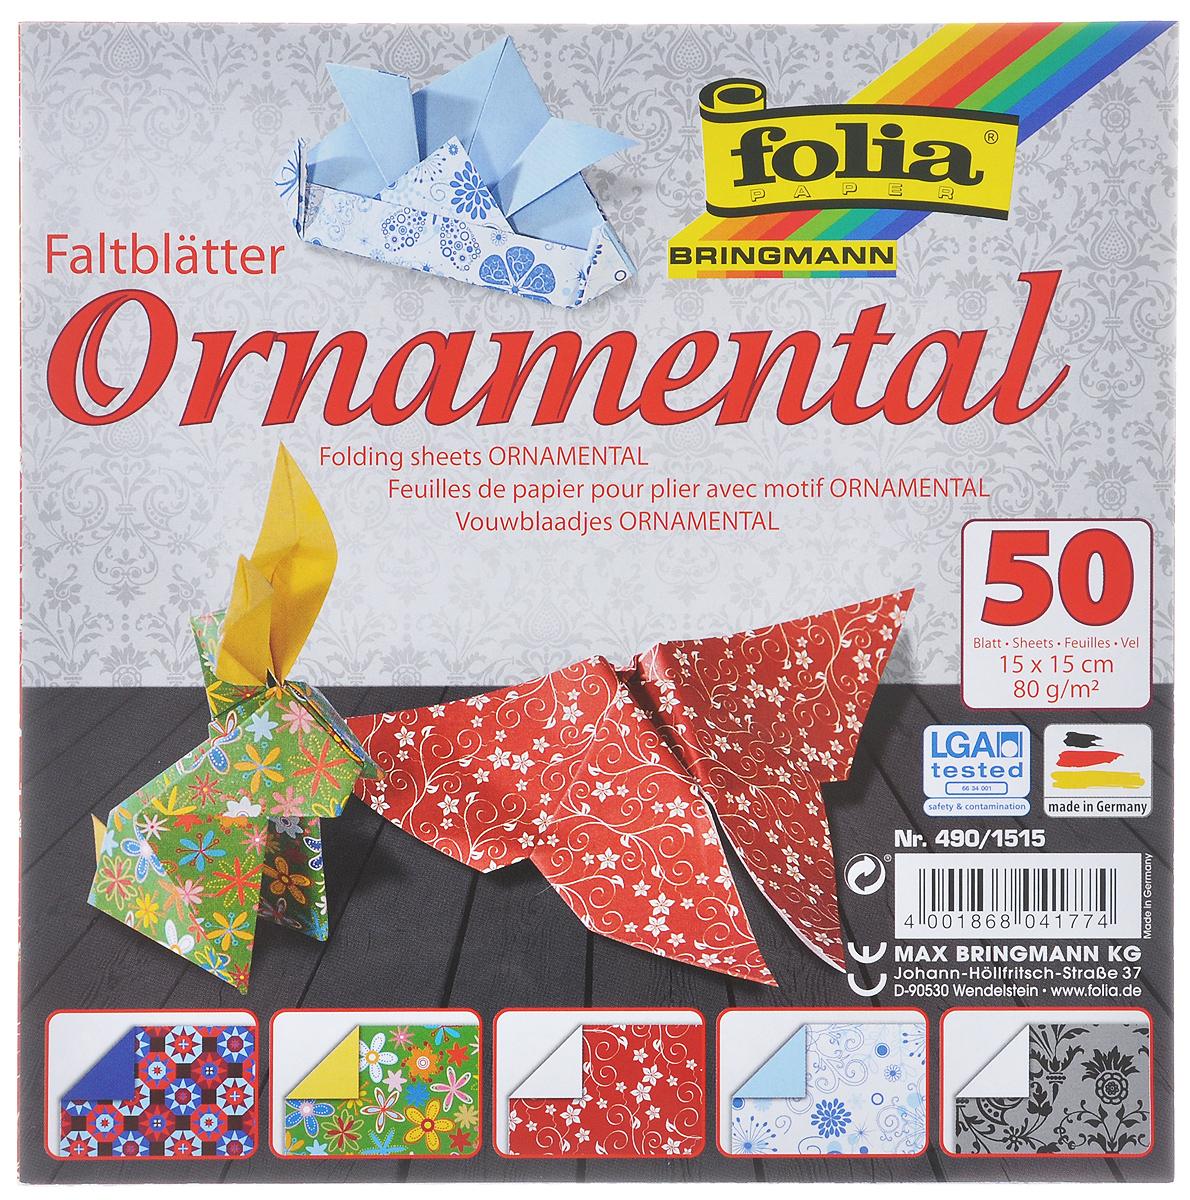 Бумага для оригами Folia Орнаменты, 15 х 15 см, 50 листов